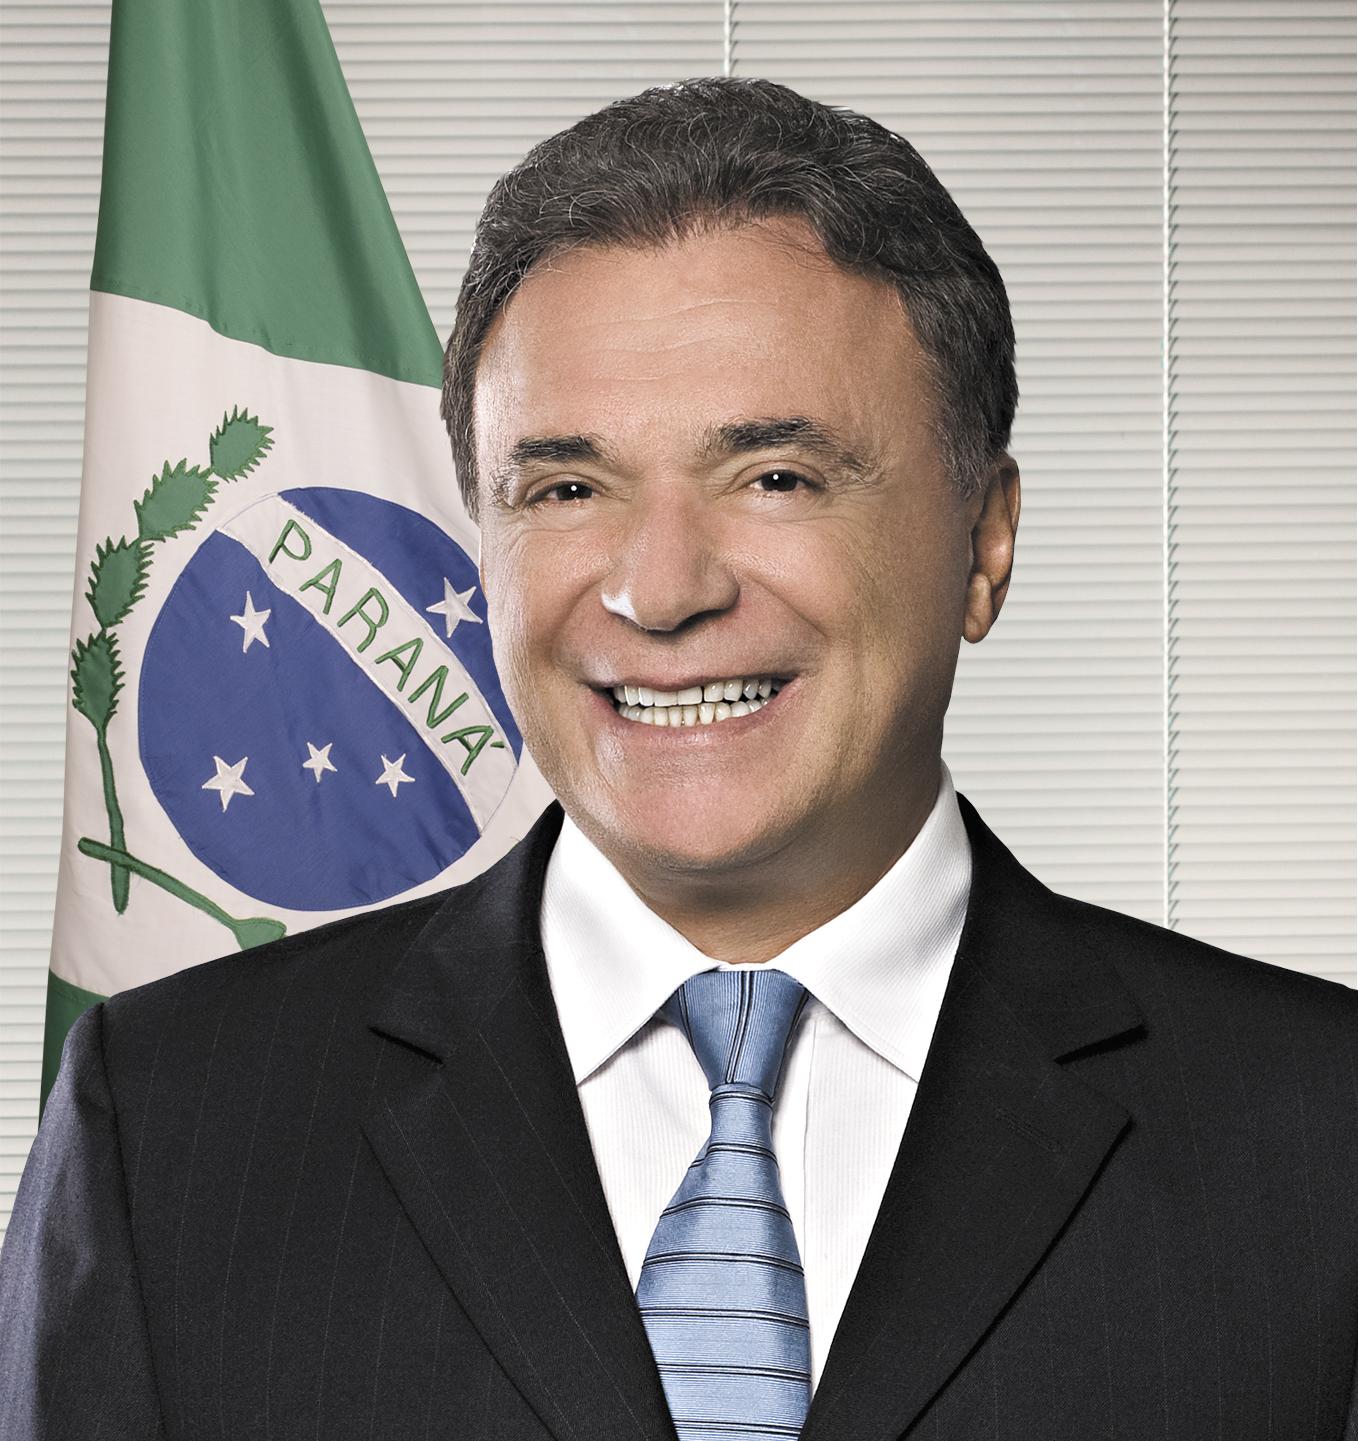 368d63ceb Alvaro Dias – Wikipédia, a enciclopédia livre